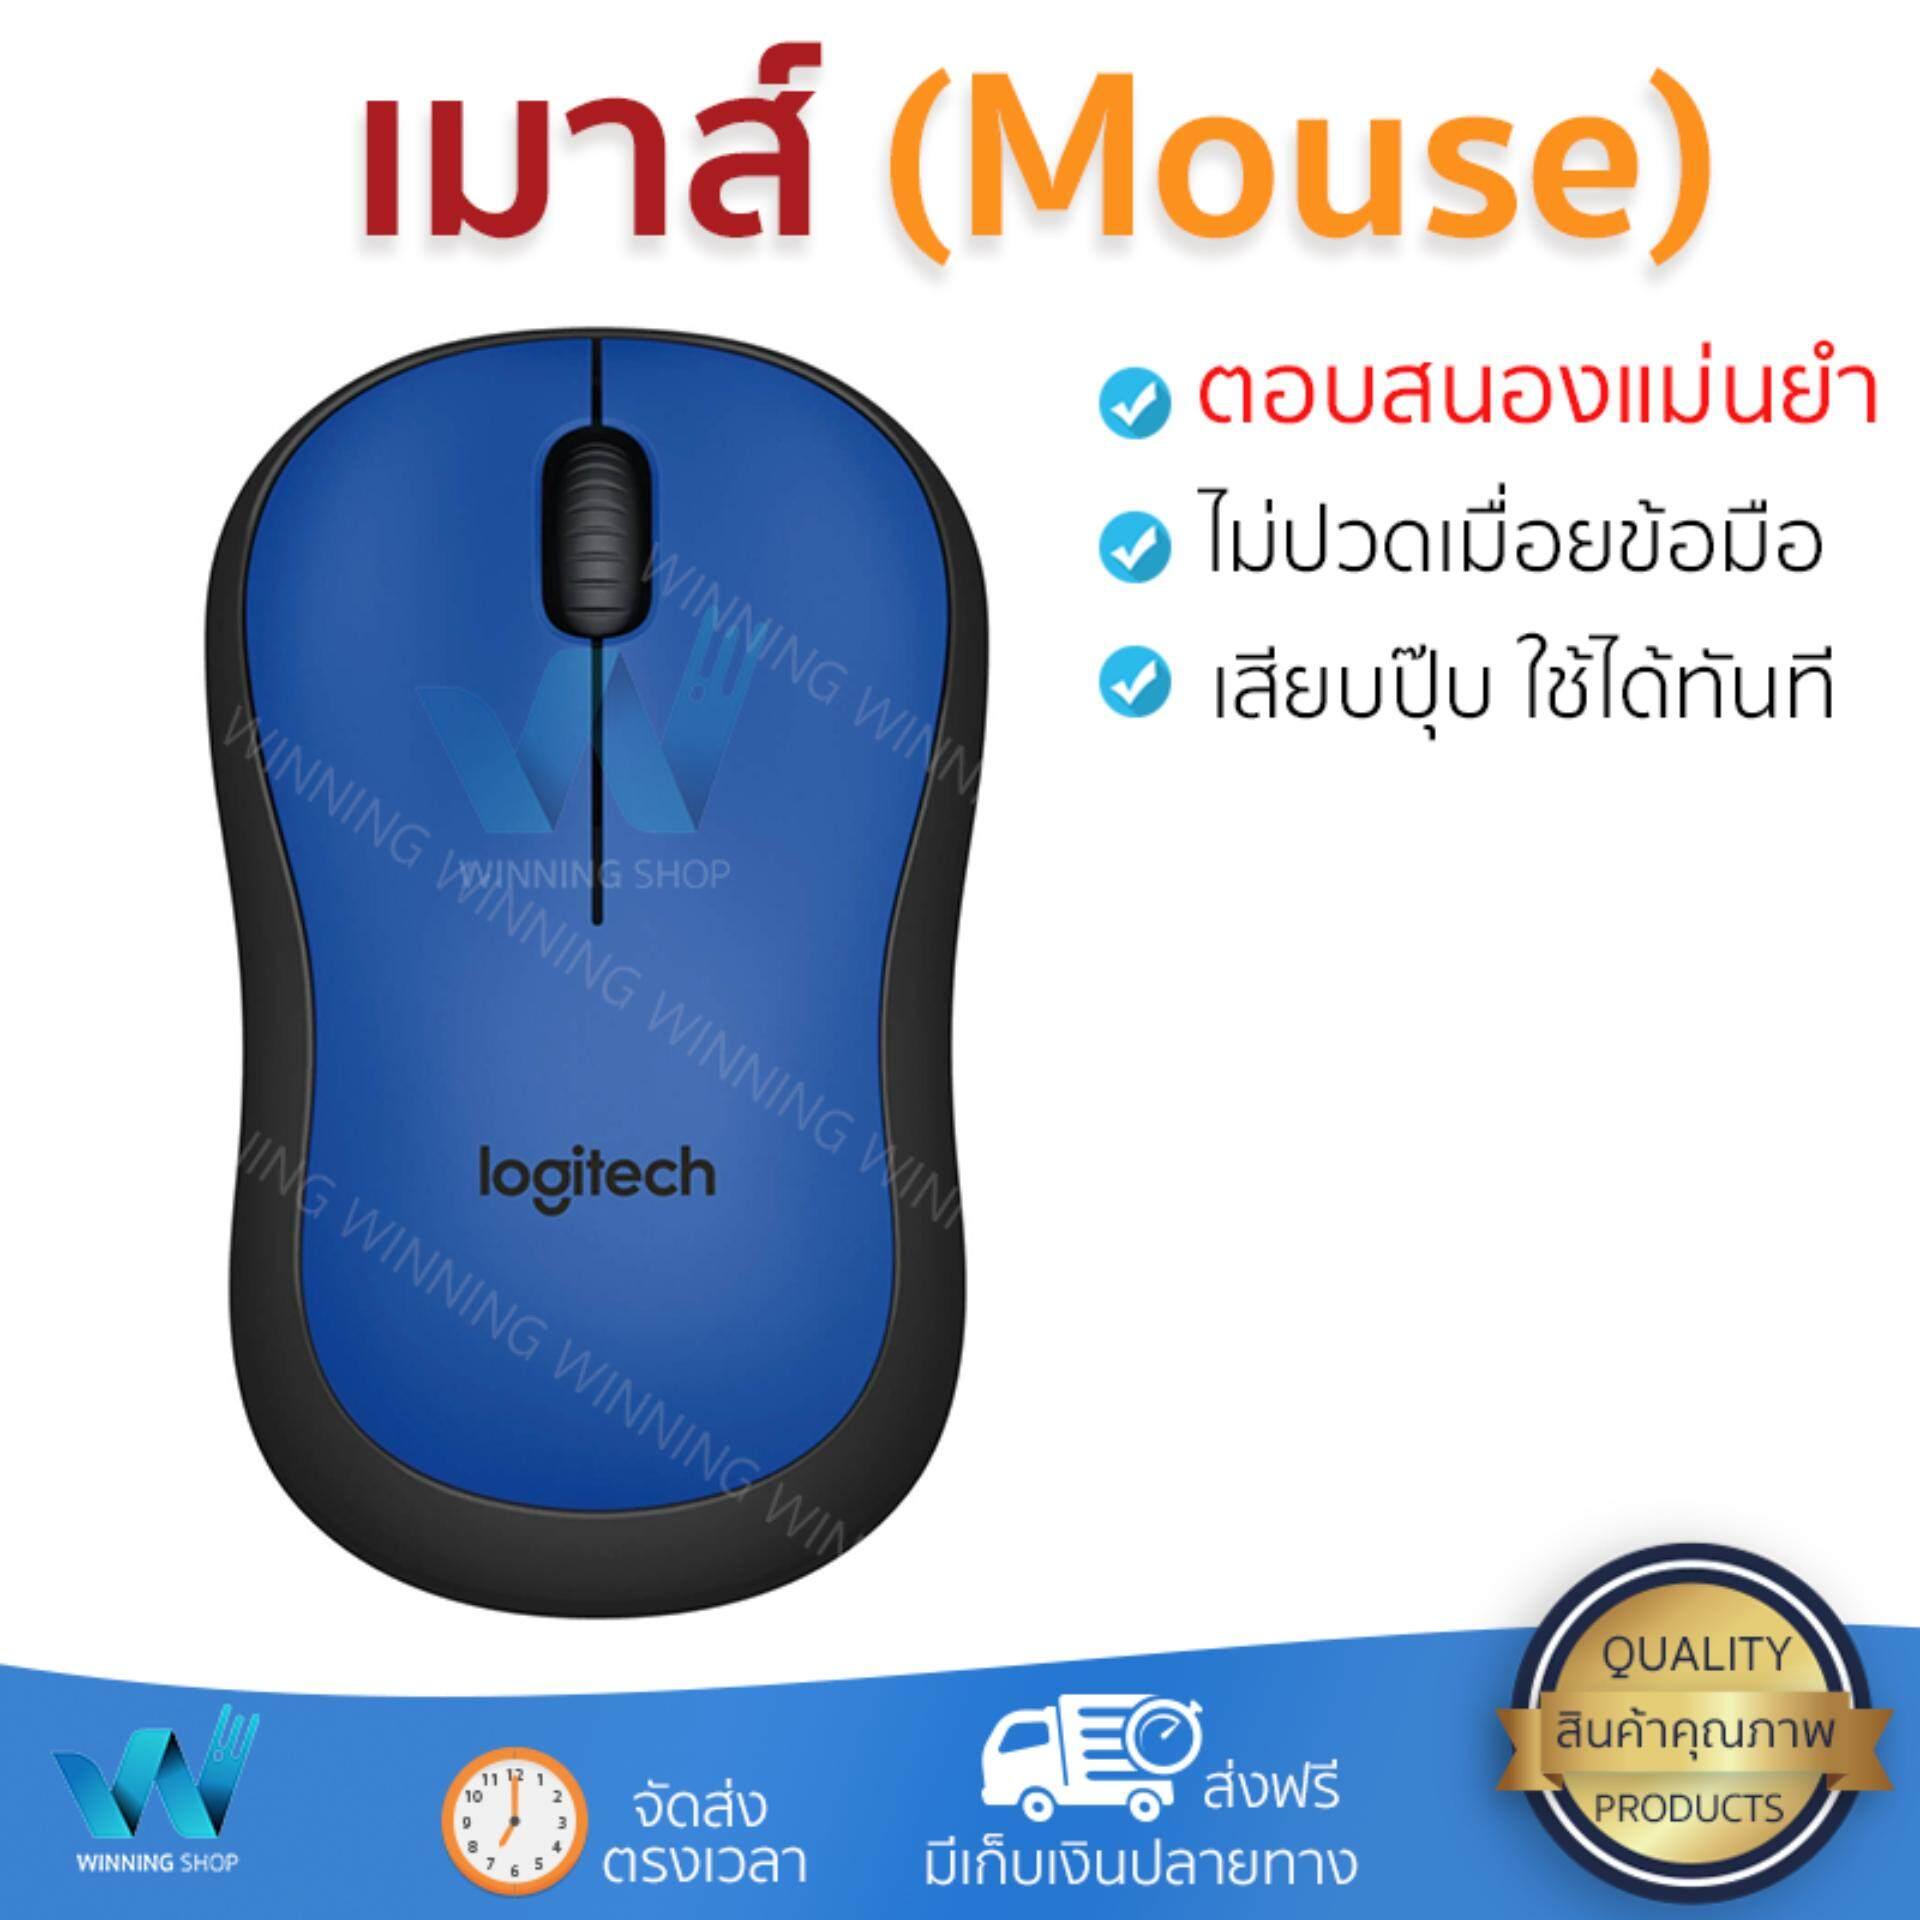 รุ่นใหม่ล่าสุด เมาส์           LOGITECH เมาส์ไร้สาย (สีน้ำเงิน) รุ่น M221             เซนเซอร์คุณภาพสูง ทำงานได้ลื่นไหล ไม่มีสะดุด Computer Mouse  รับประกันสินค้า 1 ปี จัดส่งฟรี Kerry ทั่วประเทศ